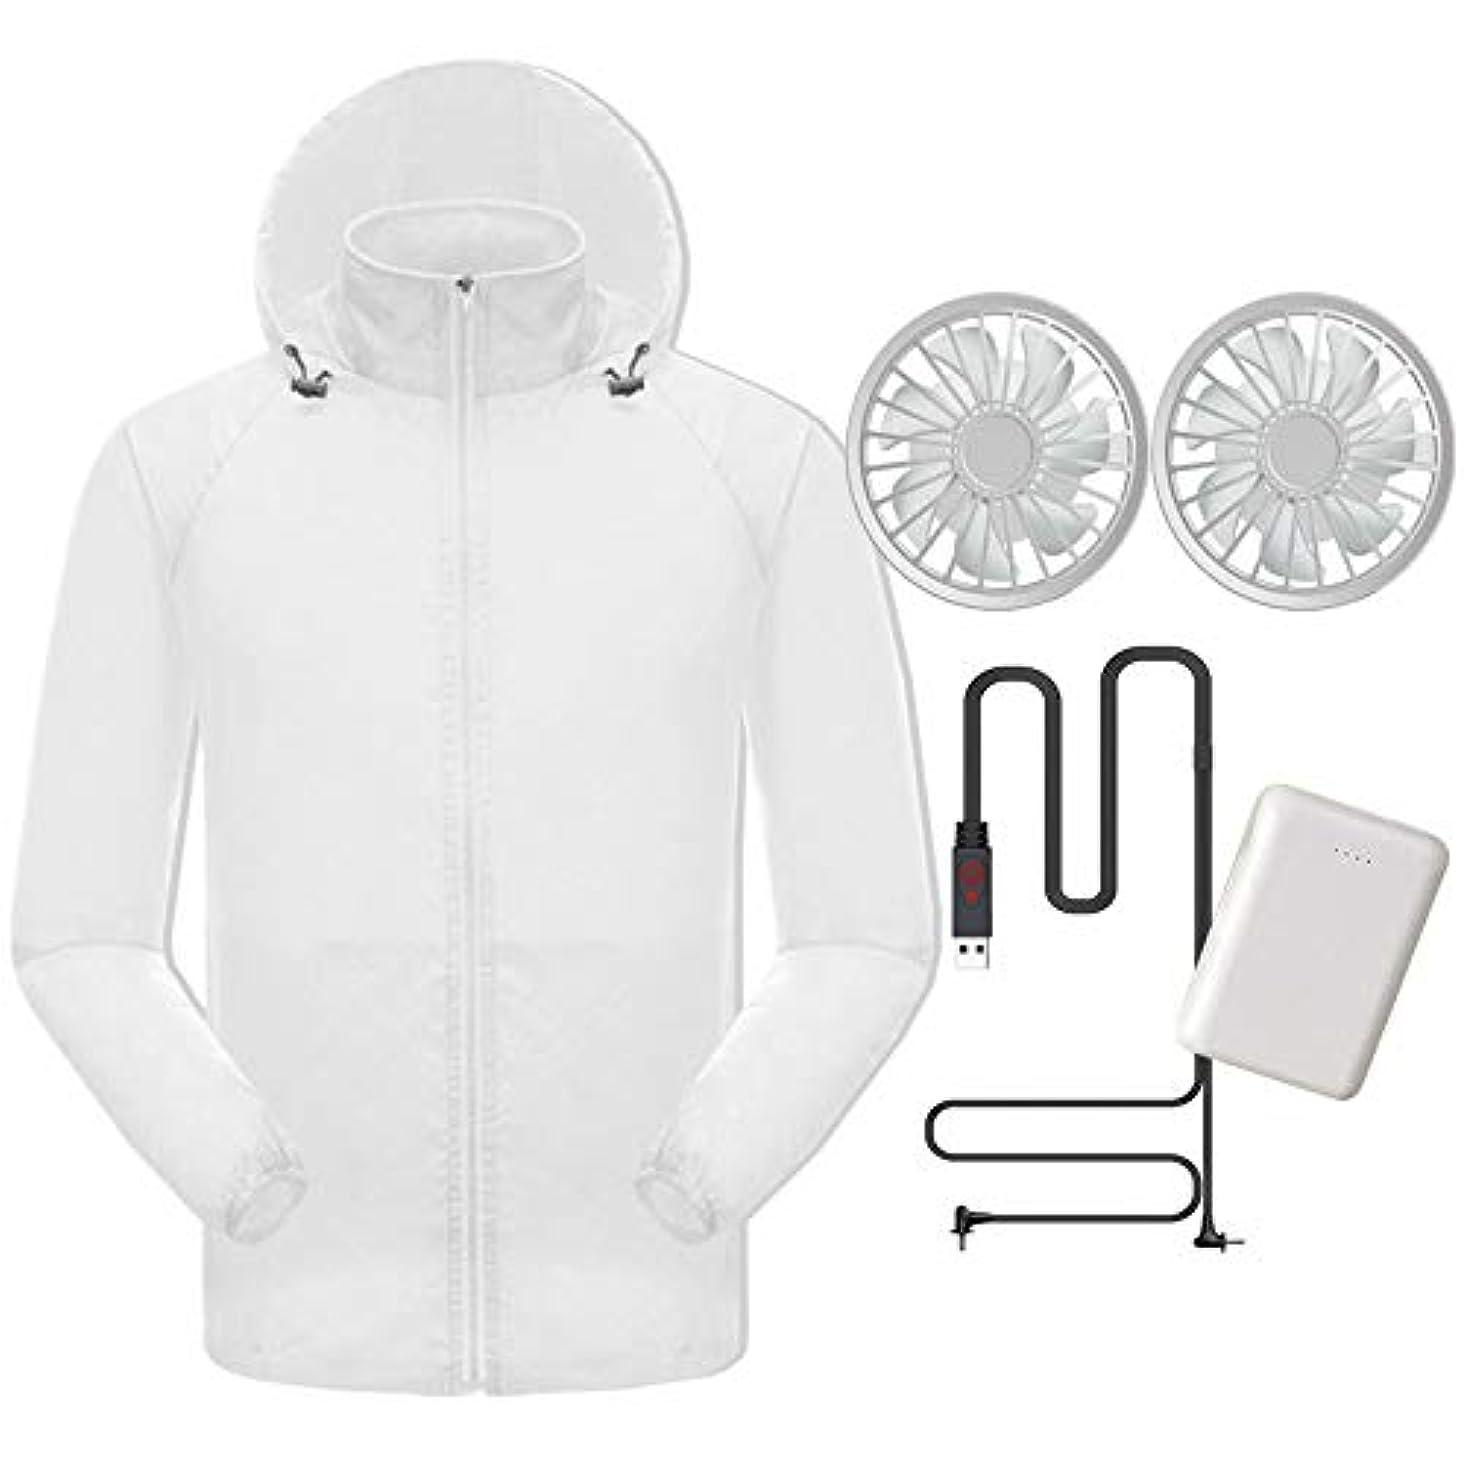 収容する実現可能性補助夏のスマート冷たい服日焼け止め衣類肌の服男性と女性のアンチスプラッシュ釣り服ファンエアコン衣料品(充電宝物が含まれています),White,XXL